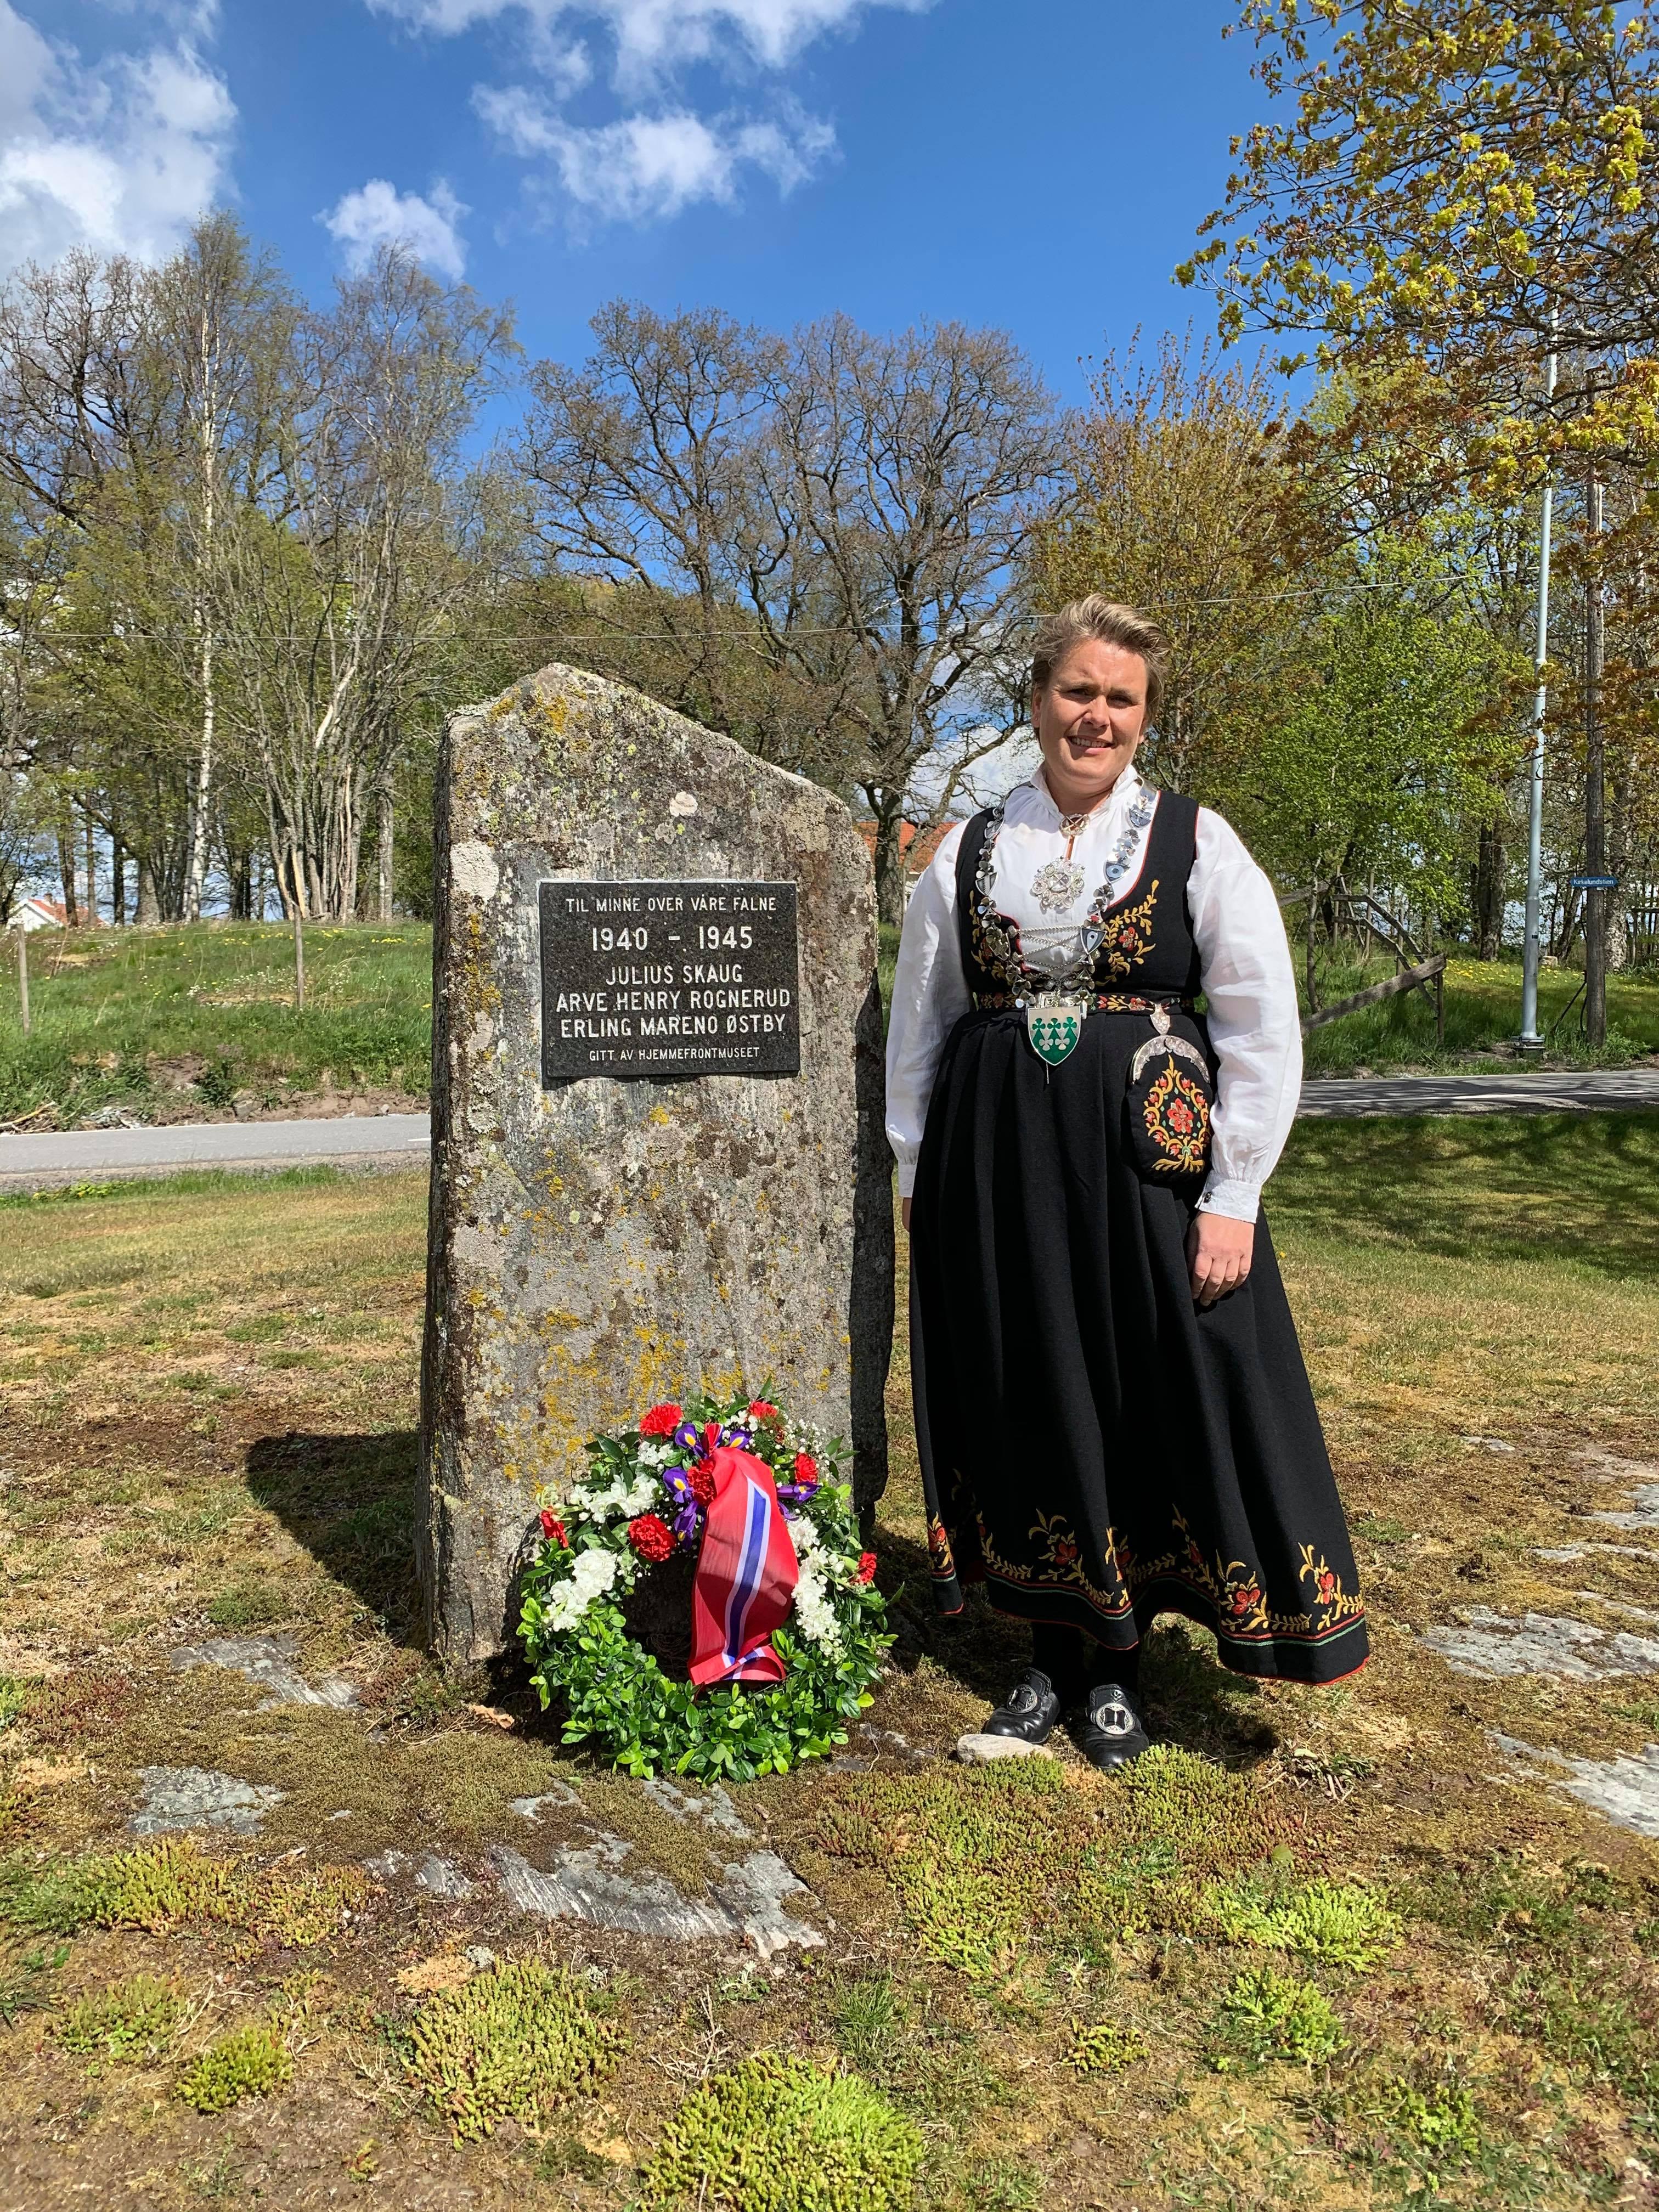 Ordfører Karline Fjeldstad_Bautamarkering 17.mai 2020 - Rakkestad kommune.jpg